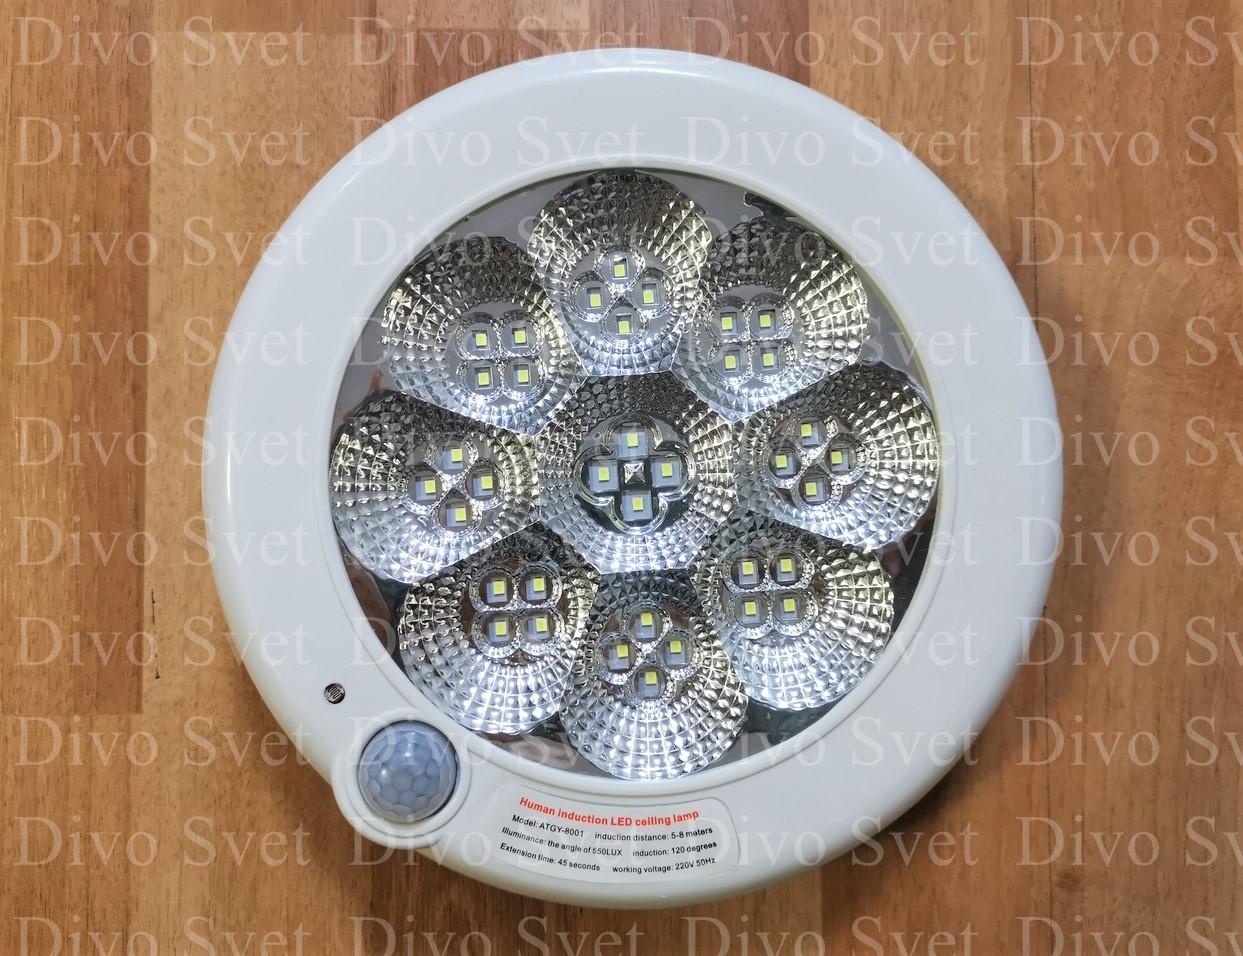 Светодиодный светильник ЖКХ 20W, с датчиком движения. Настенный, потолочный накладной с датчиком LED 20 Вт.